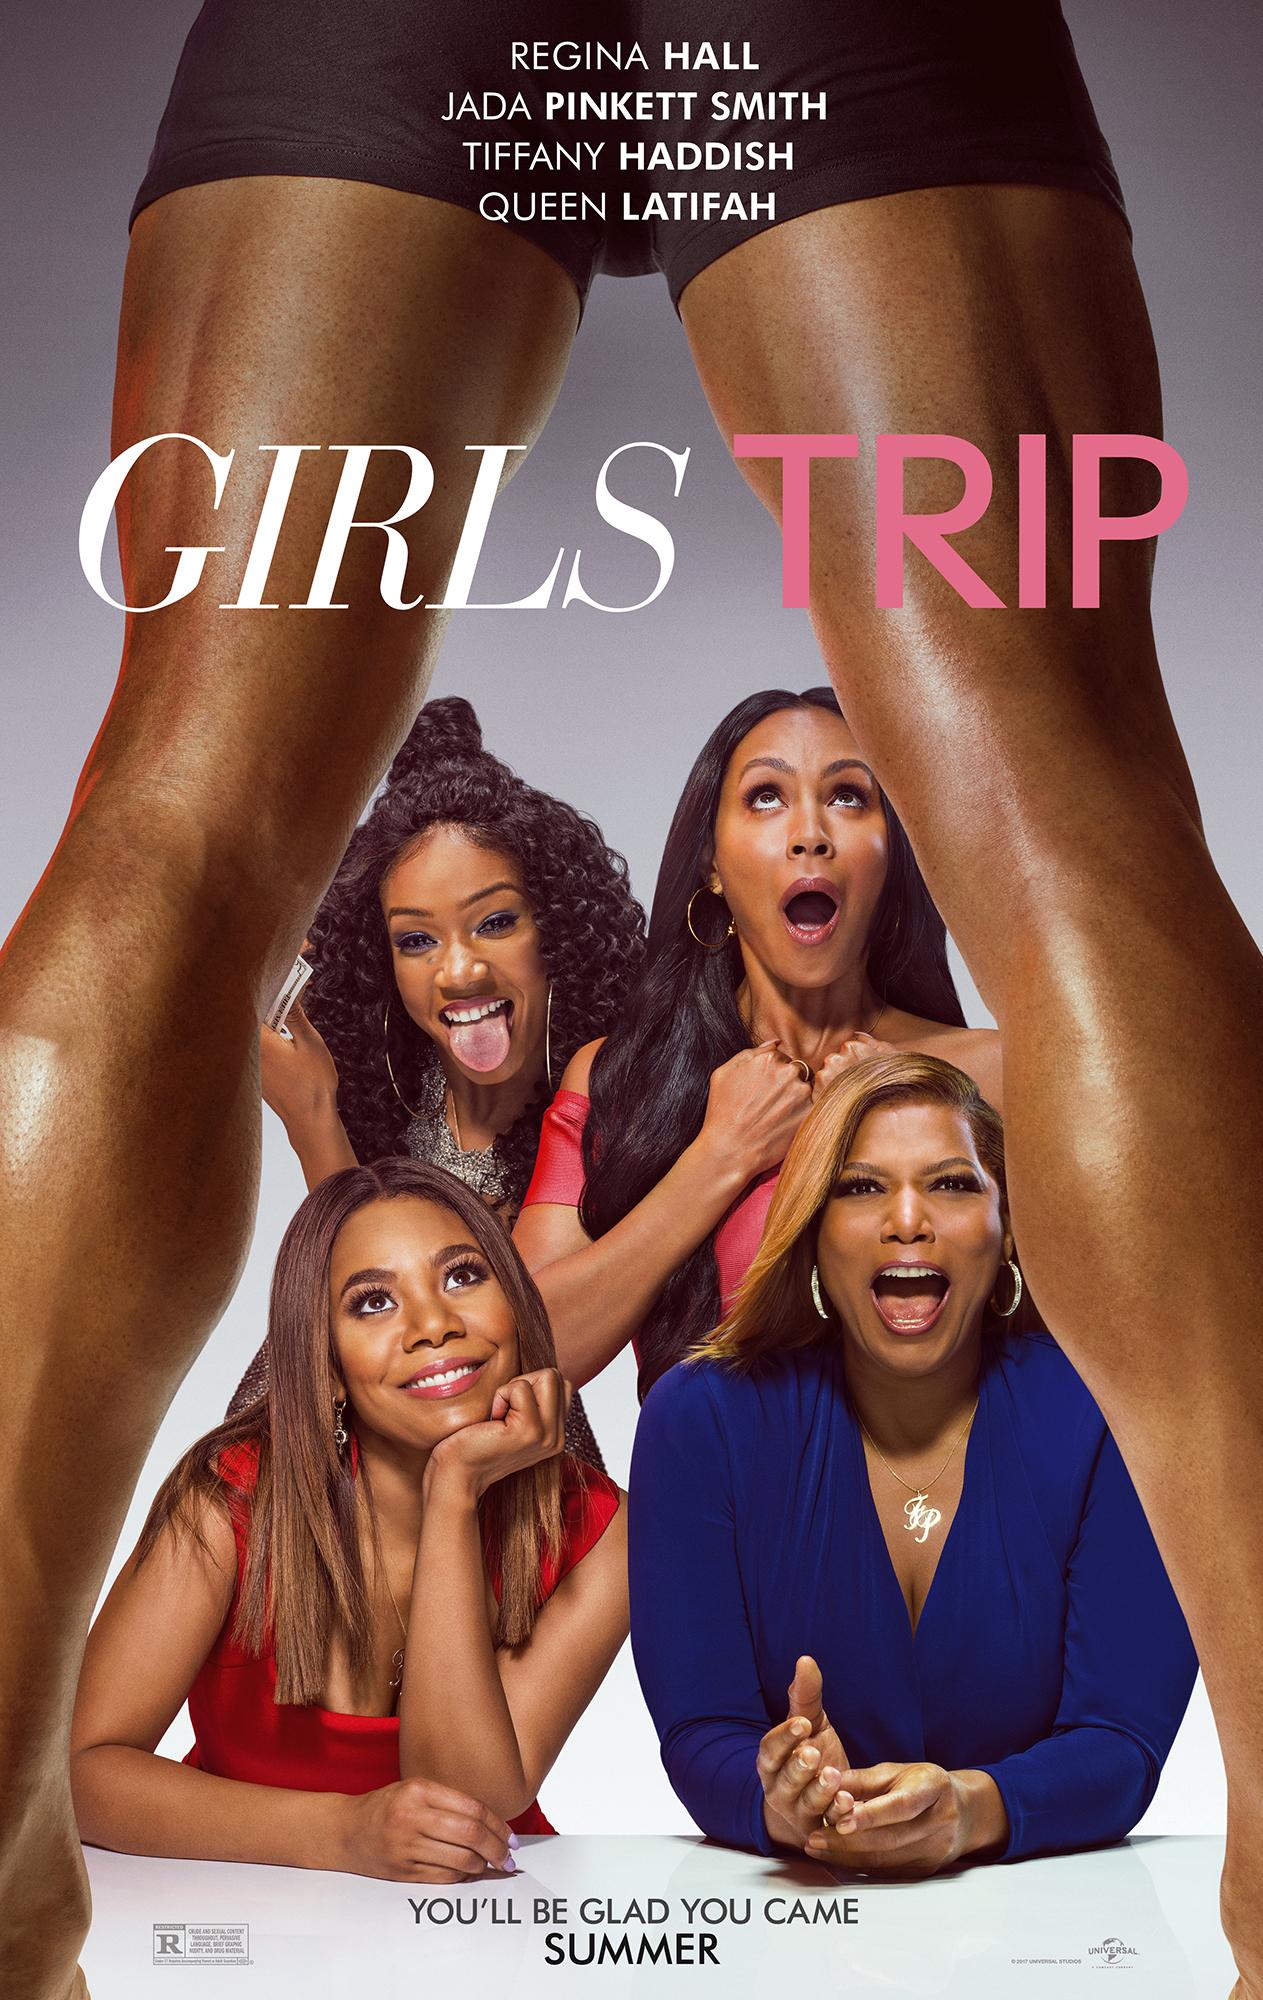 GirlsTrip_Tsr_1Sht_100dpi.jpg